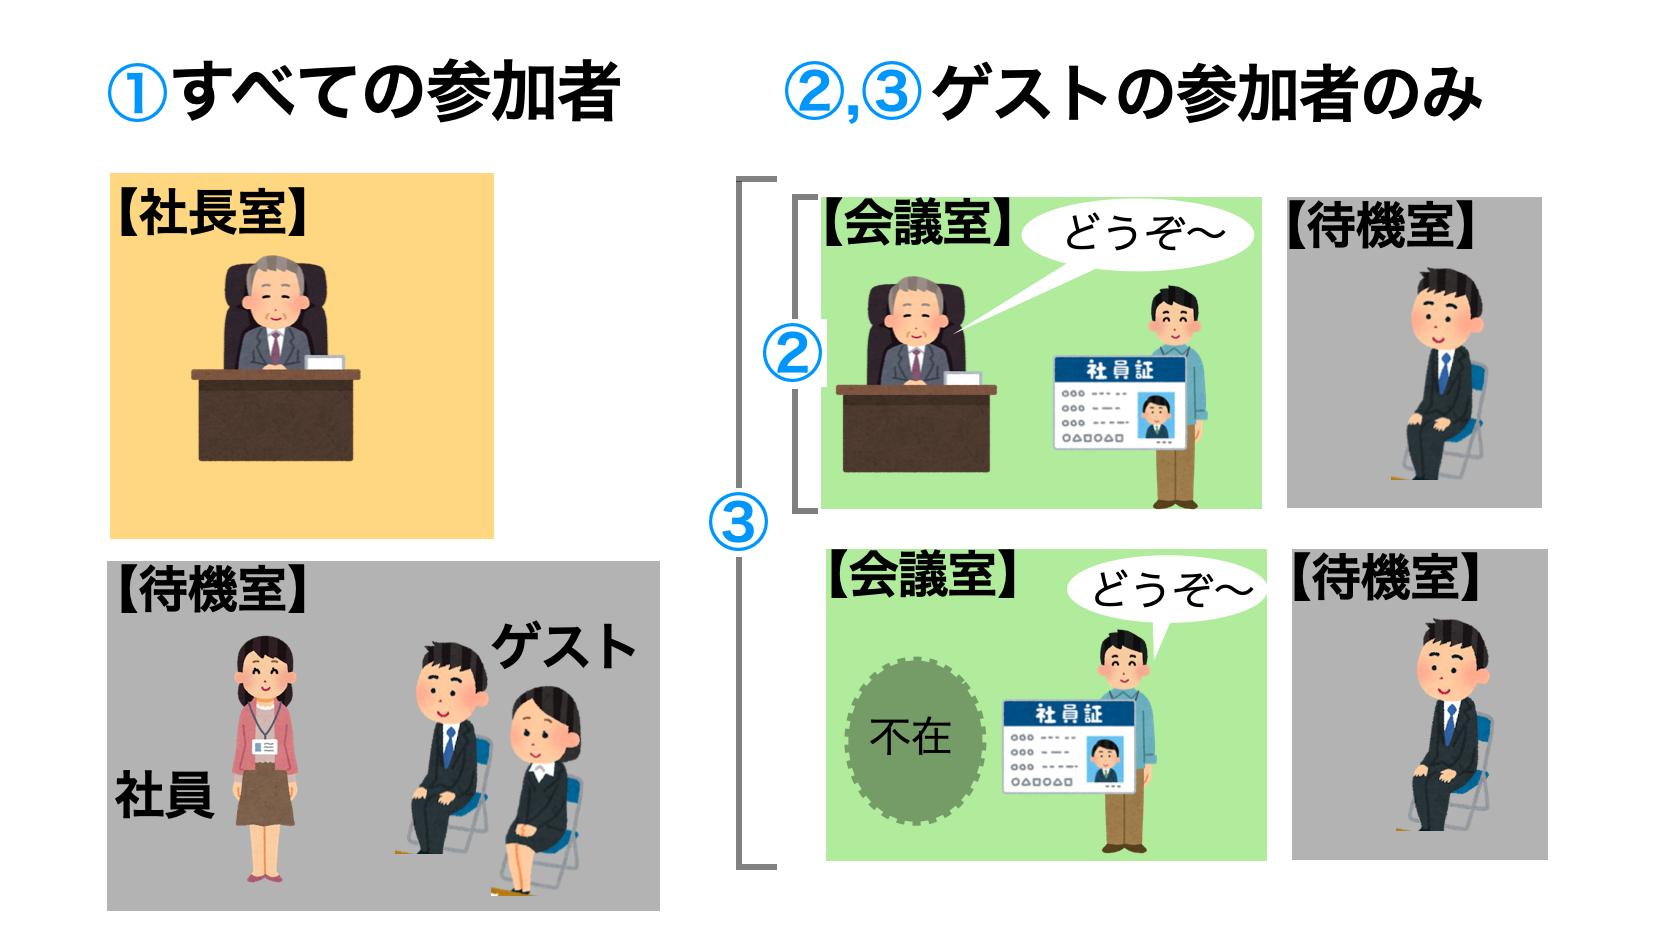 待機室イメージ図_2.png